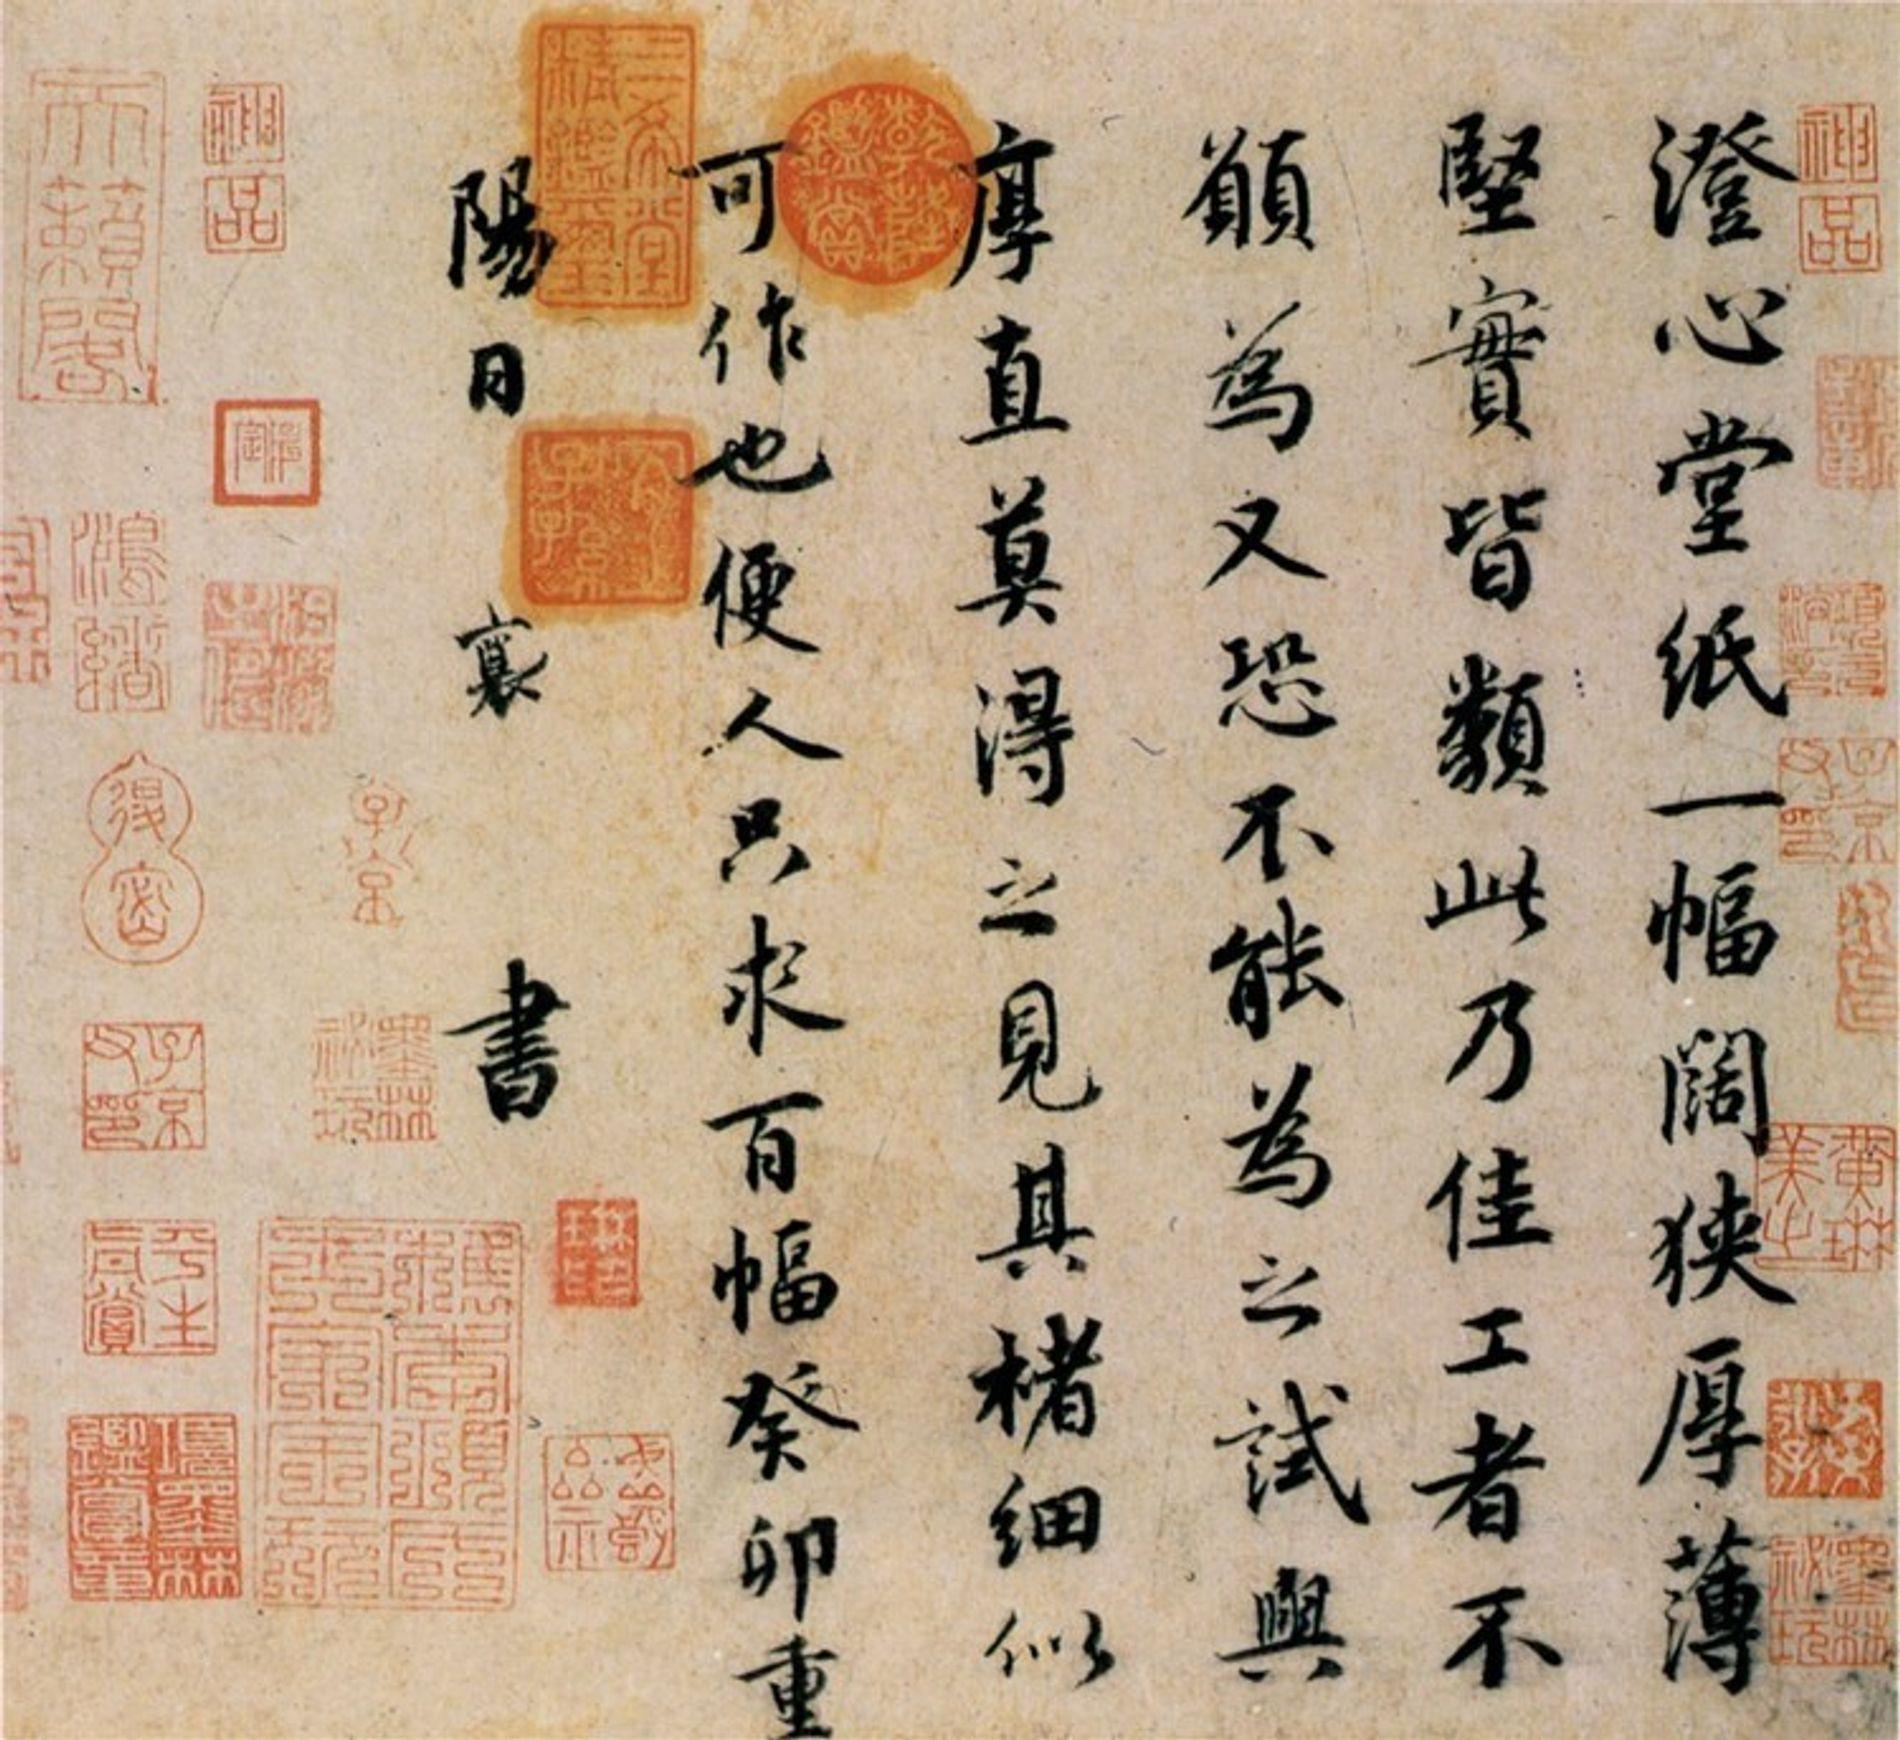 Um exemplo da caligrafia de Cai Xiang, um caligrafista chinês do século XI.